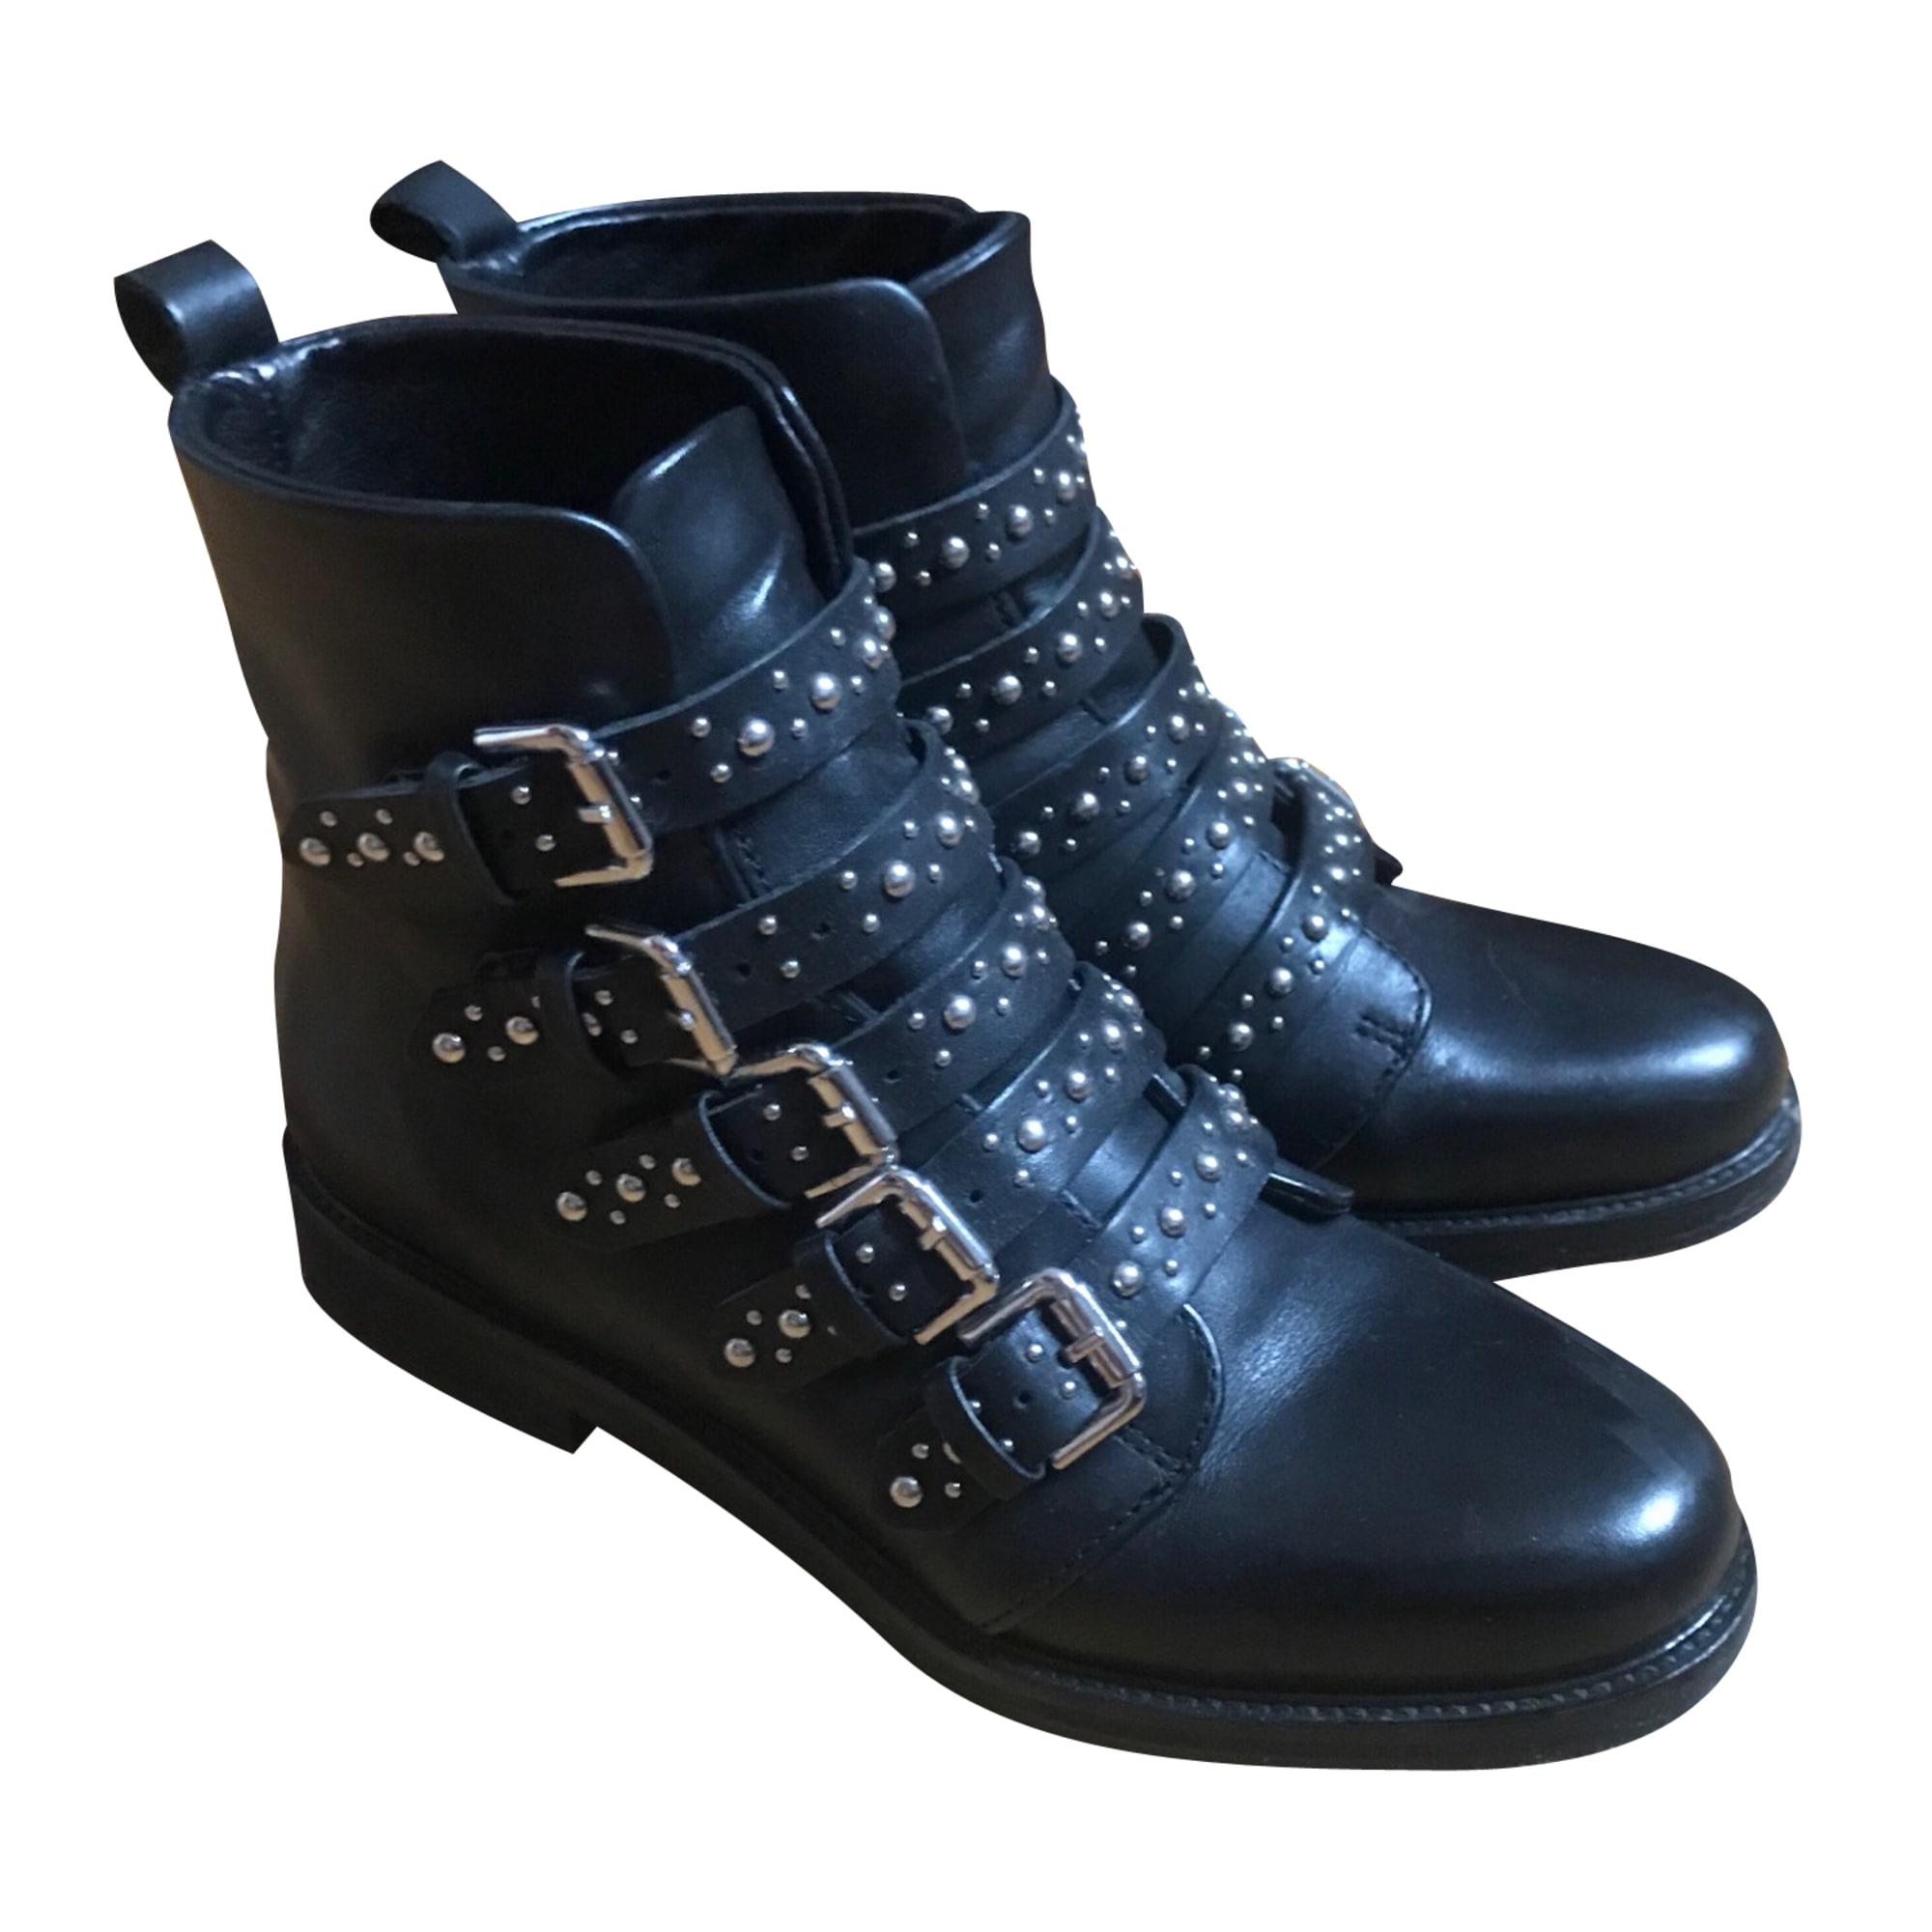 Bottines   low boots à talons MAJE 36 noir - 7488638 4c7af69f9bd1